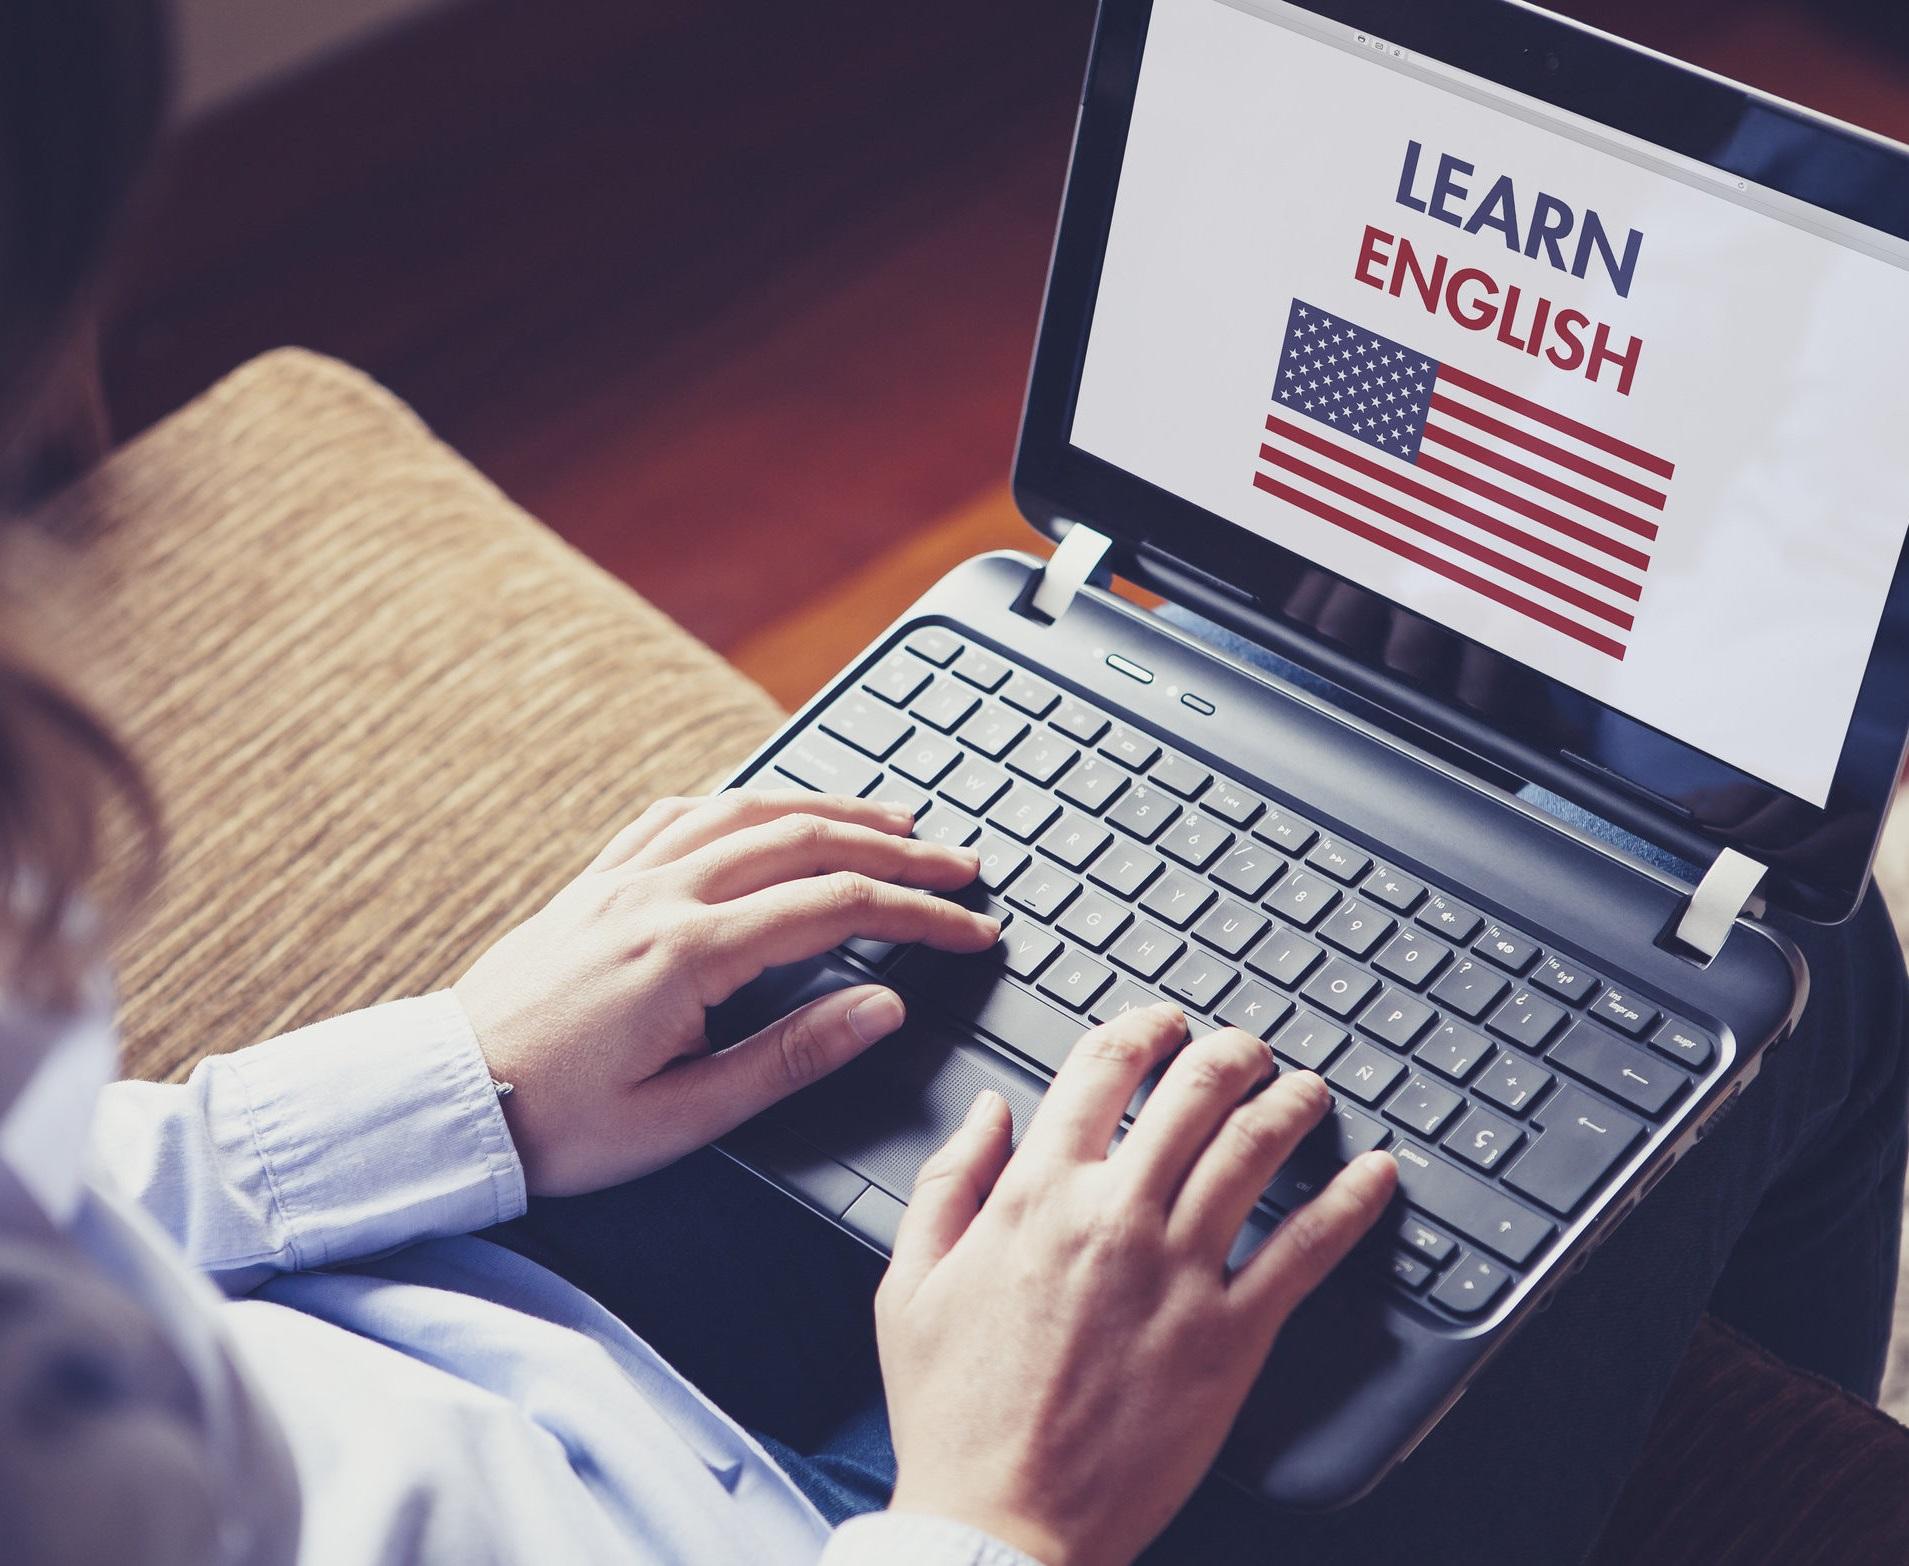 Индивидуальное обучение английскому языку online